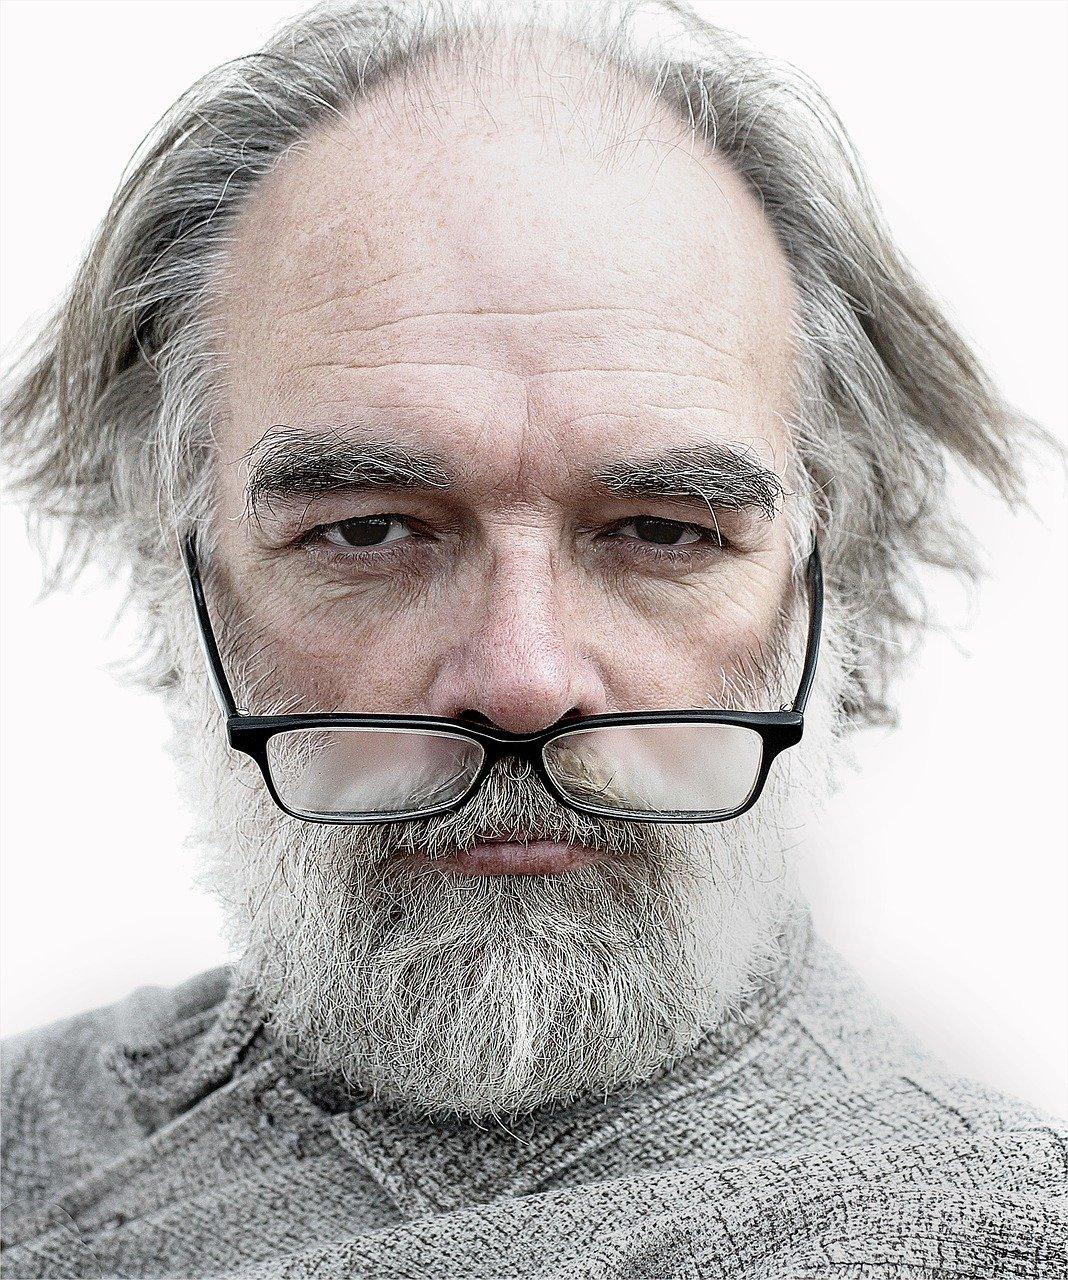 Esprit critique : et si vous chaussiez des lunettes de lucidité ?